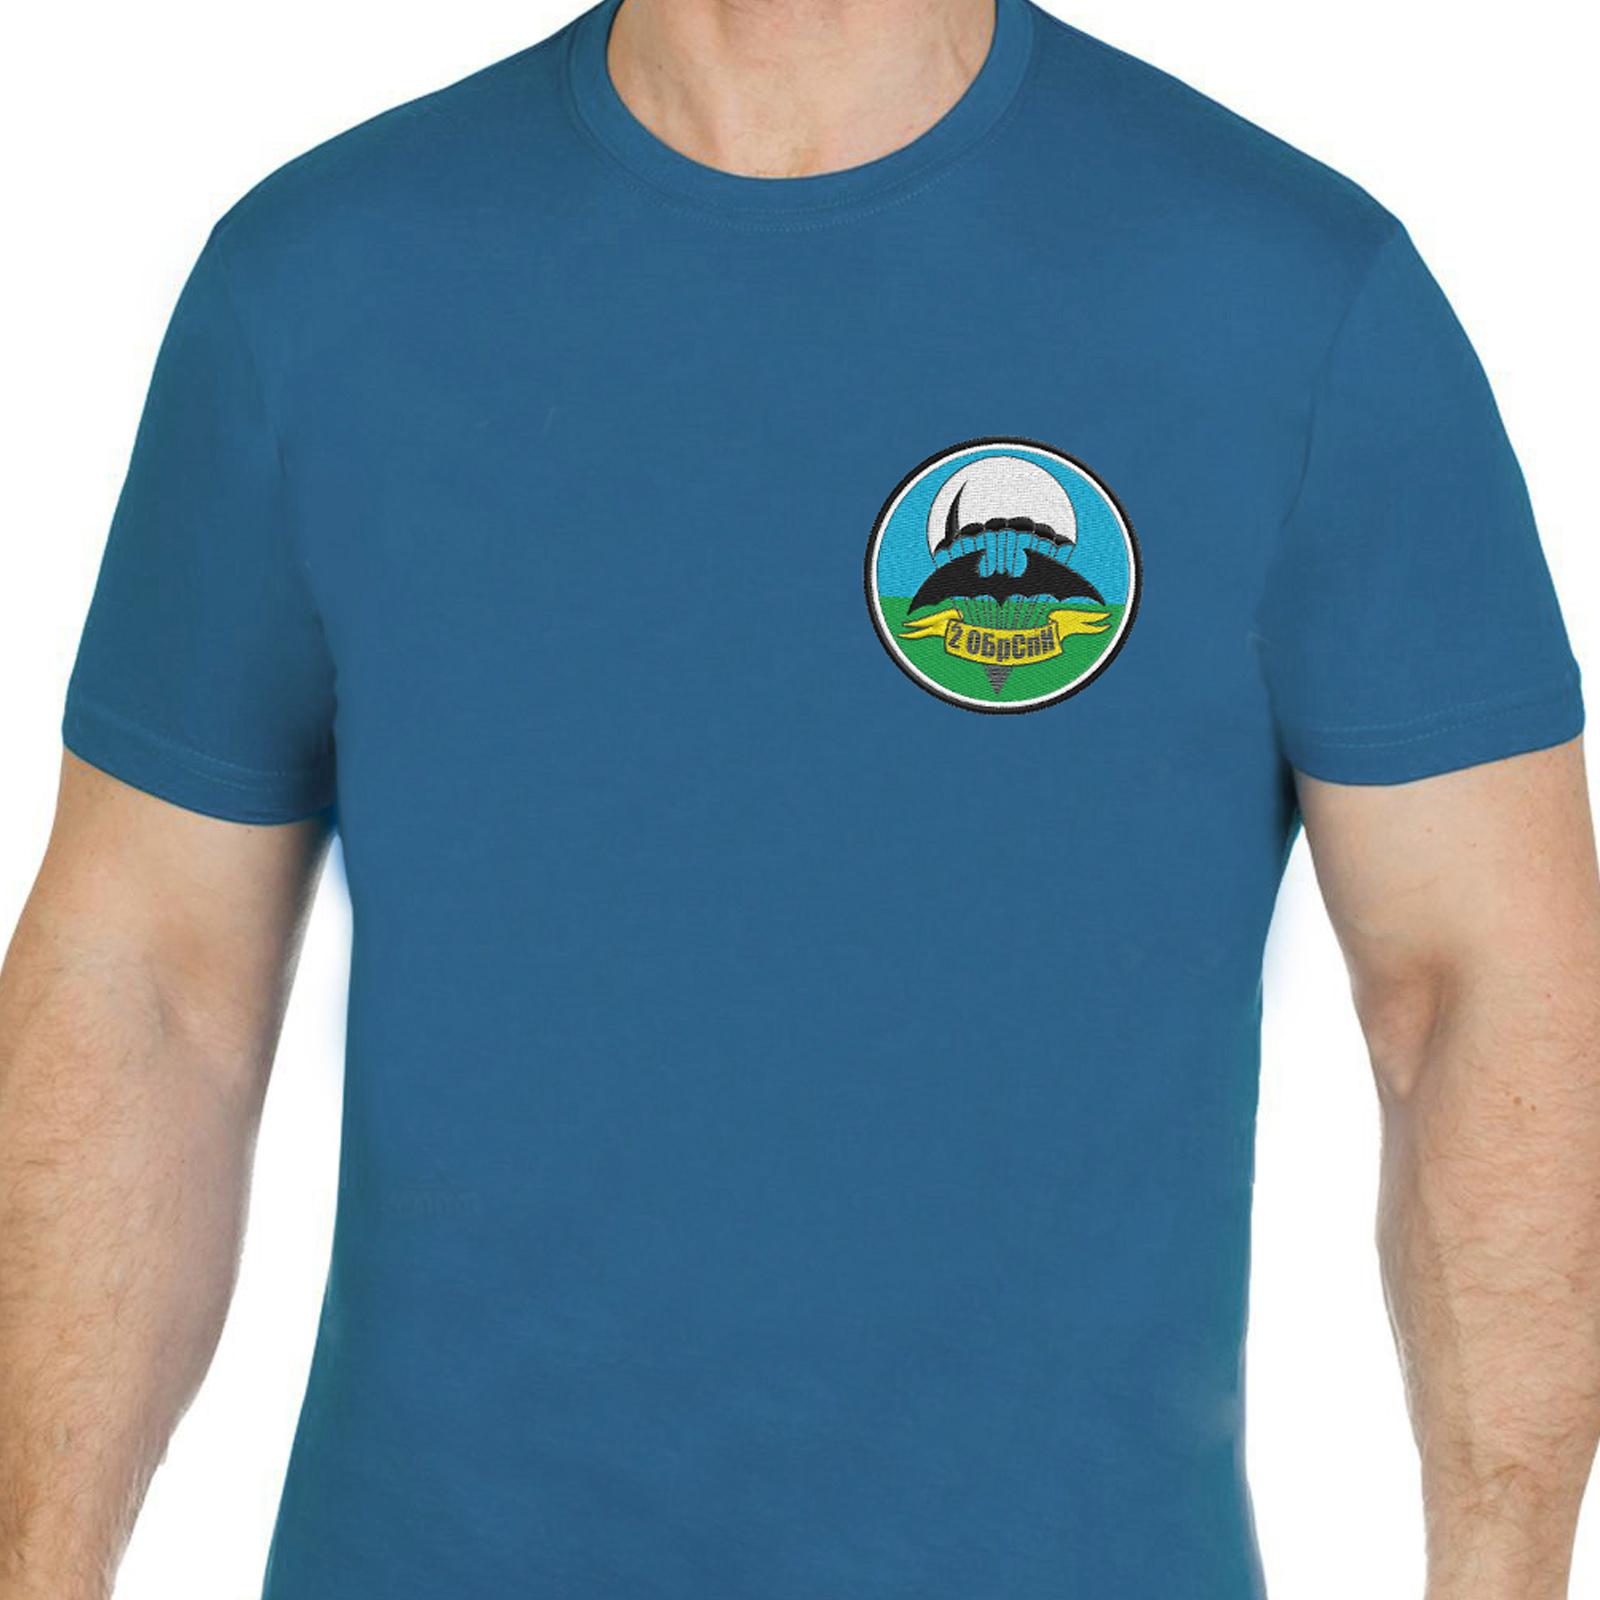 Классная милитари футболка с вышивкой 2 ОБрСпН